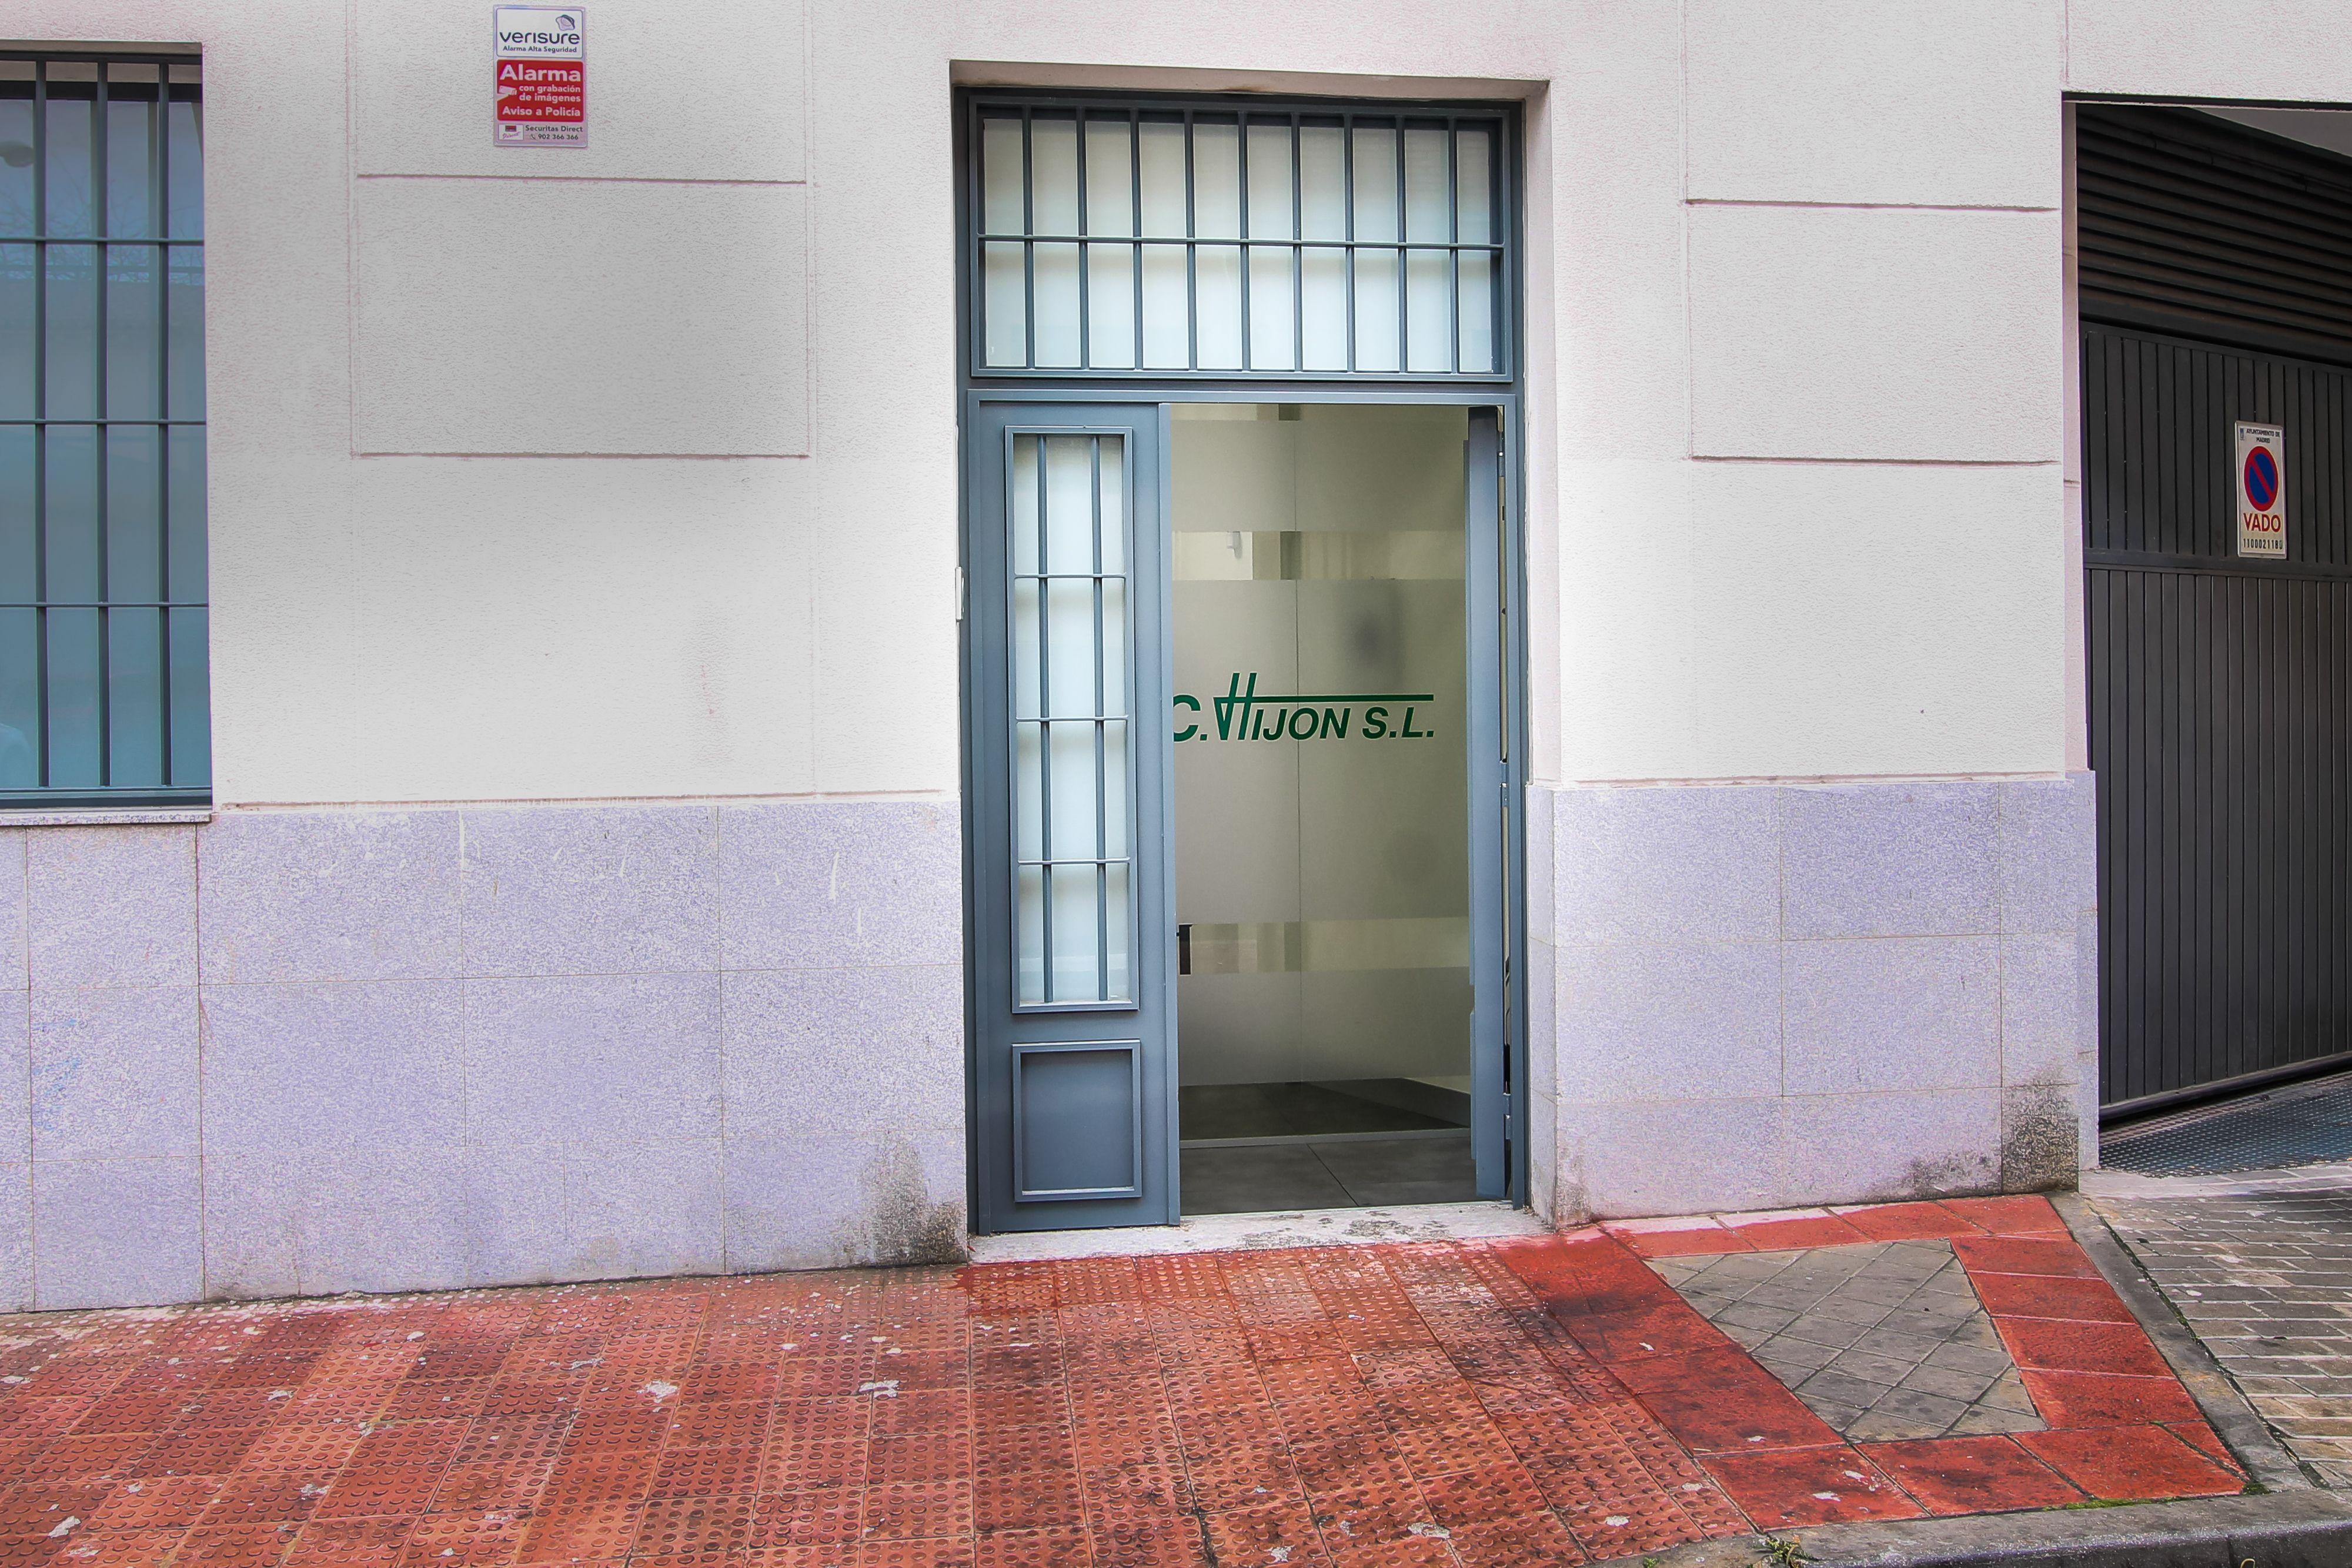 Foto 1 de Inspección técnica de edificios en Madrid | C. Hijon, S.L.